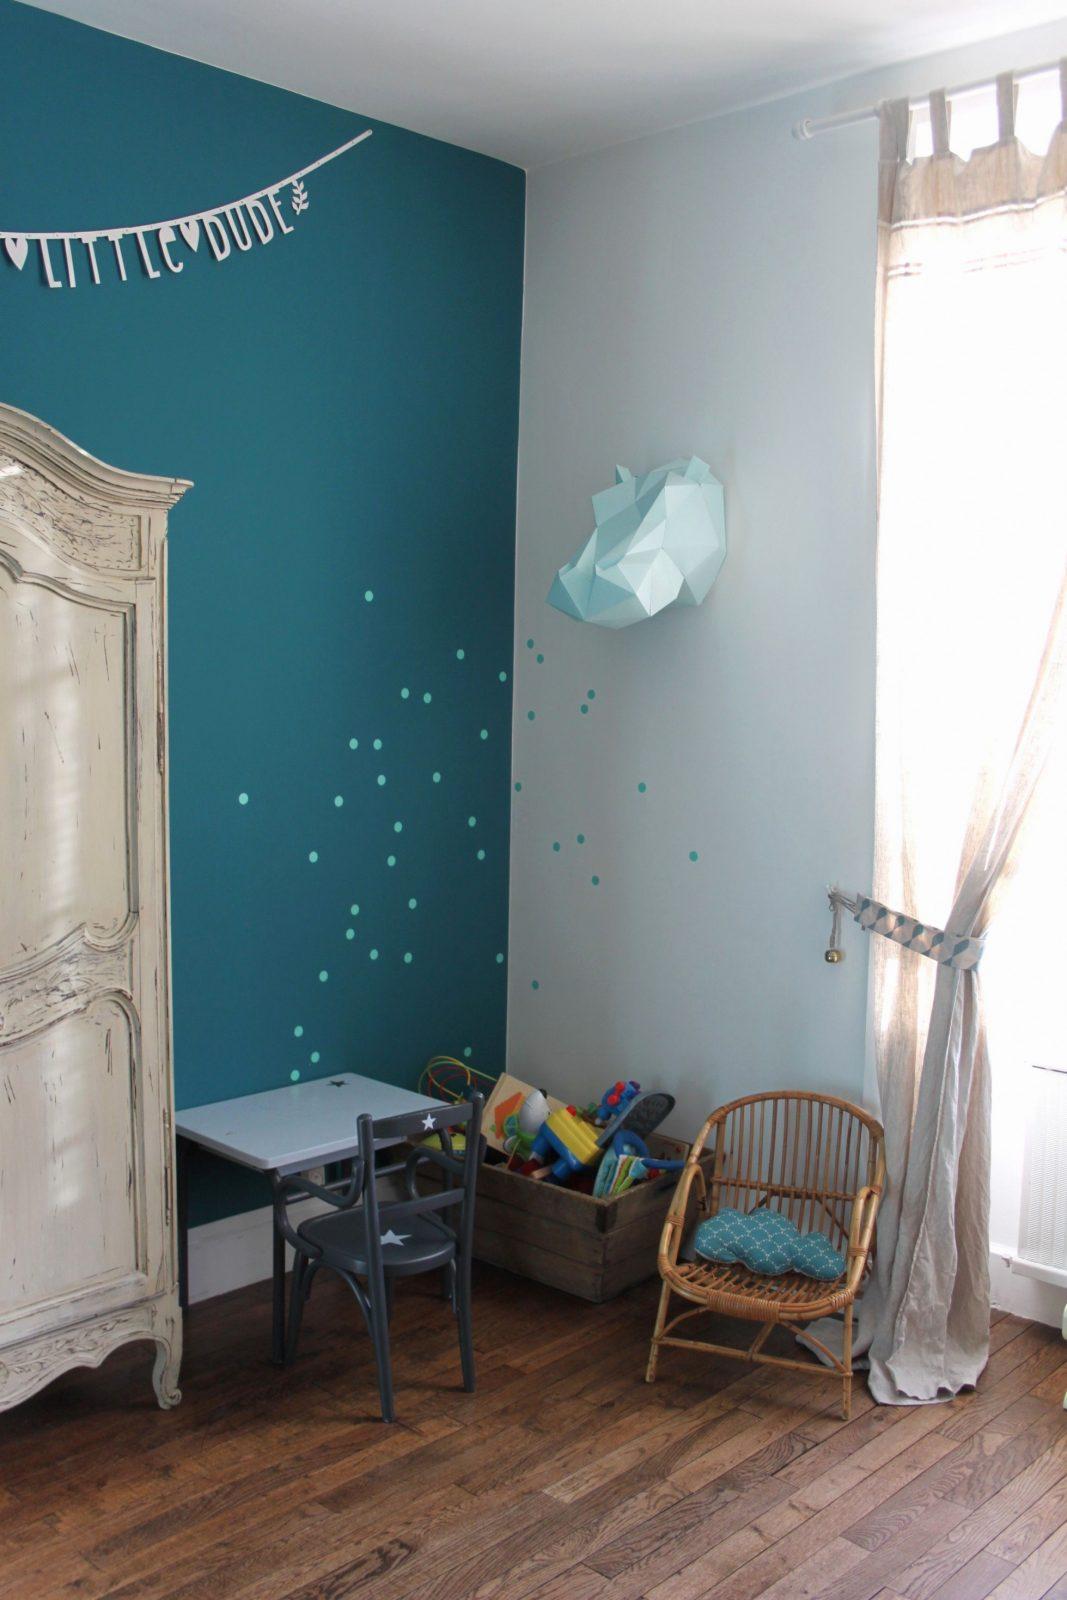 Pin Von Chambre Deco Auf Chambre Bébé In 2019  Kinderzimmer von Babyzimmer Deko Blau Bild